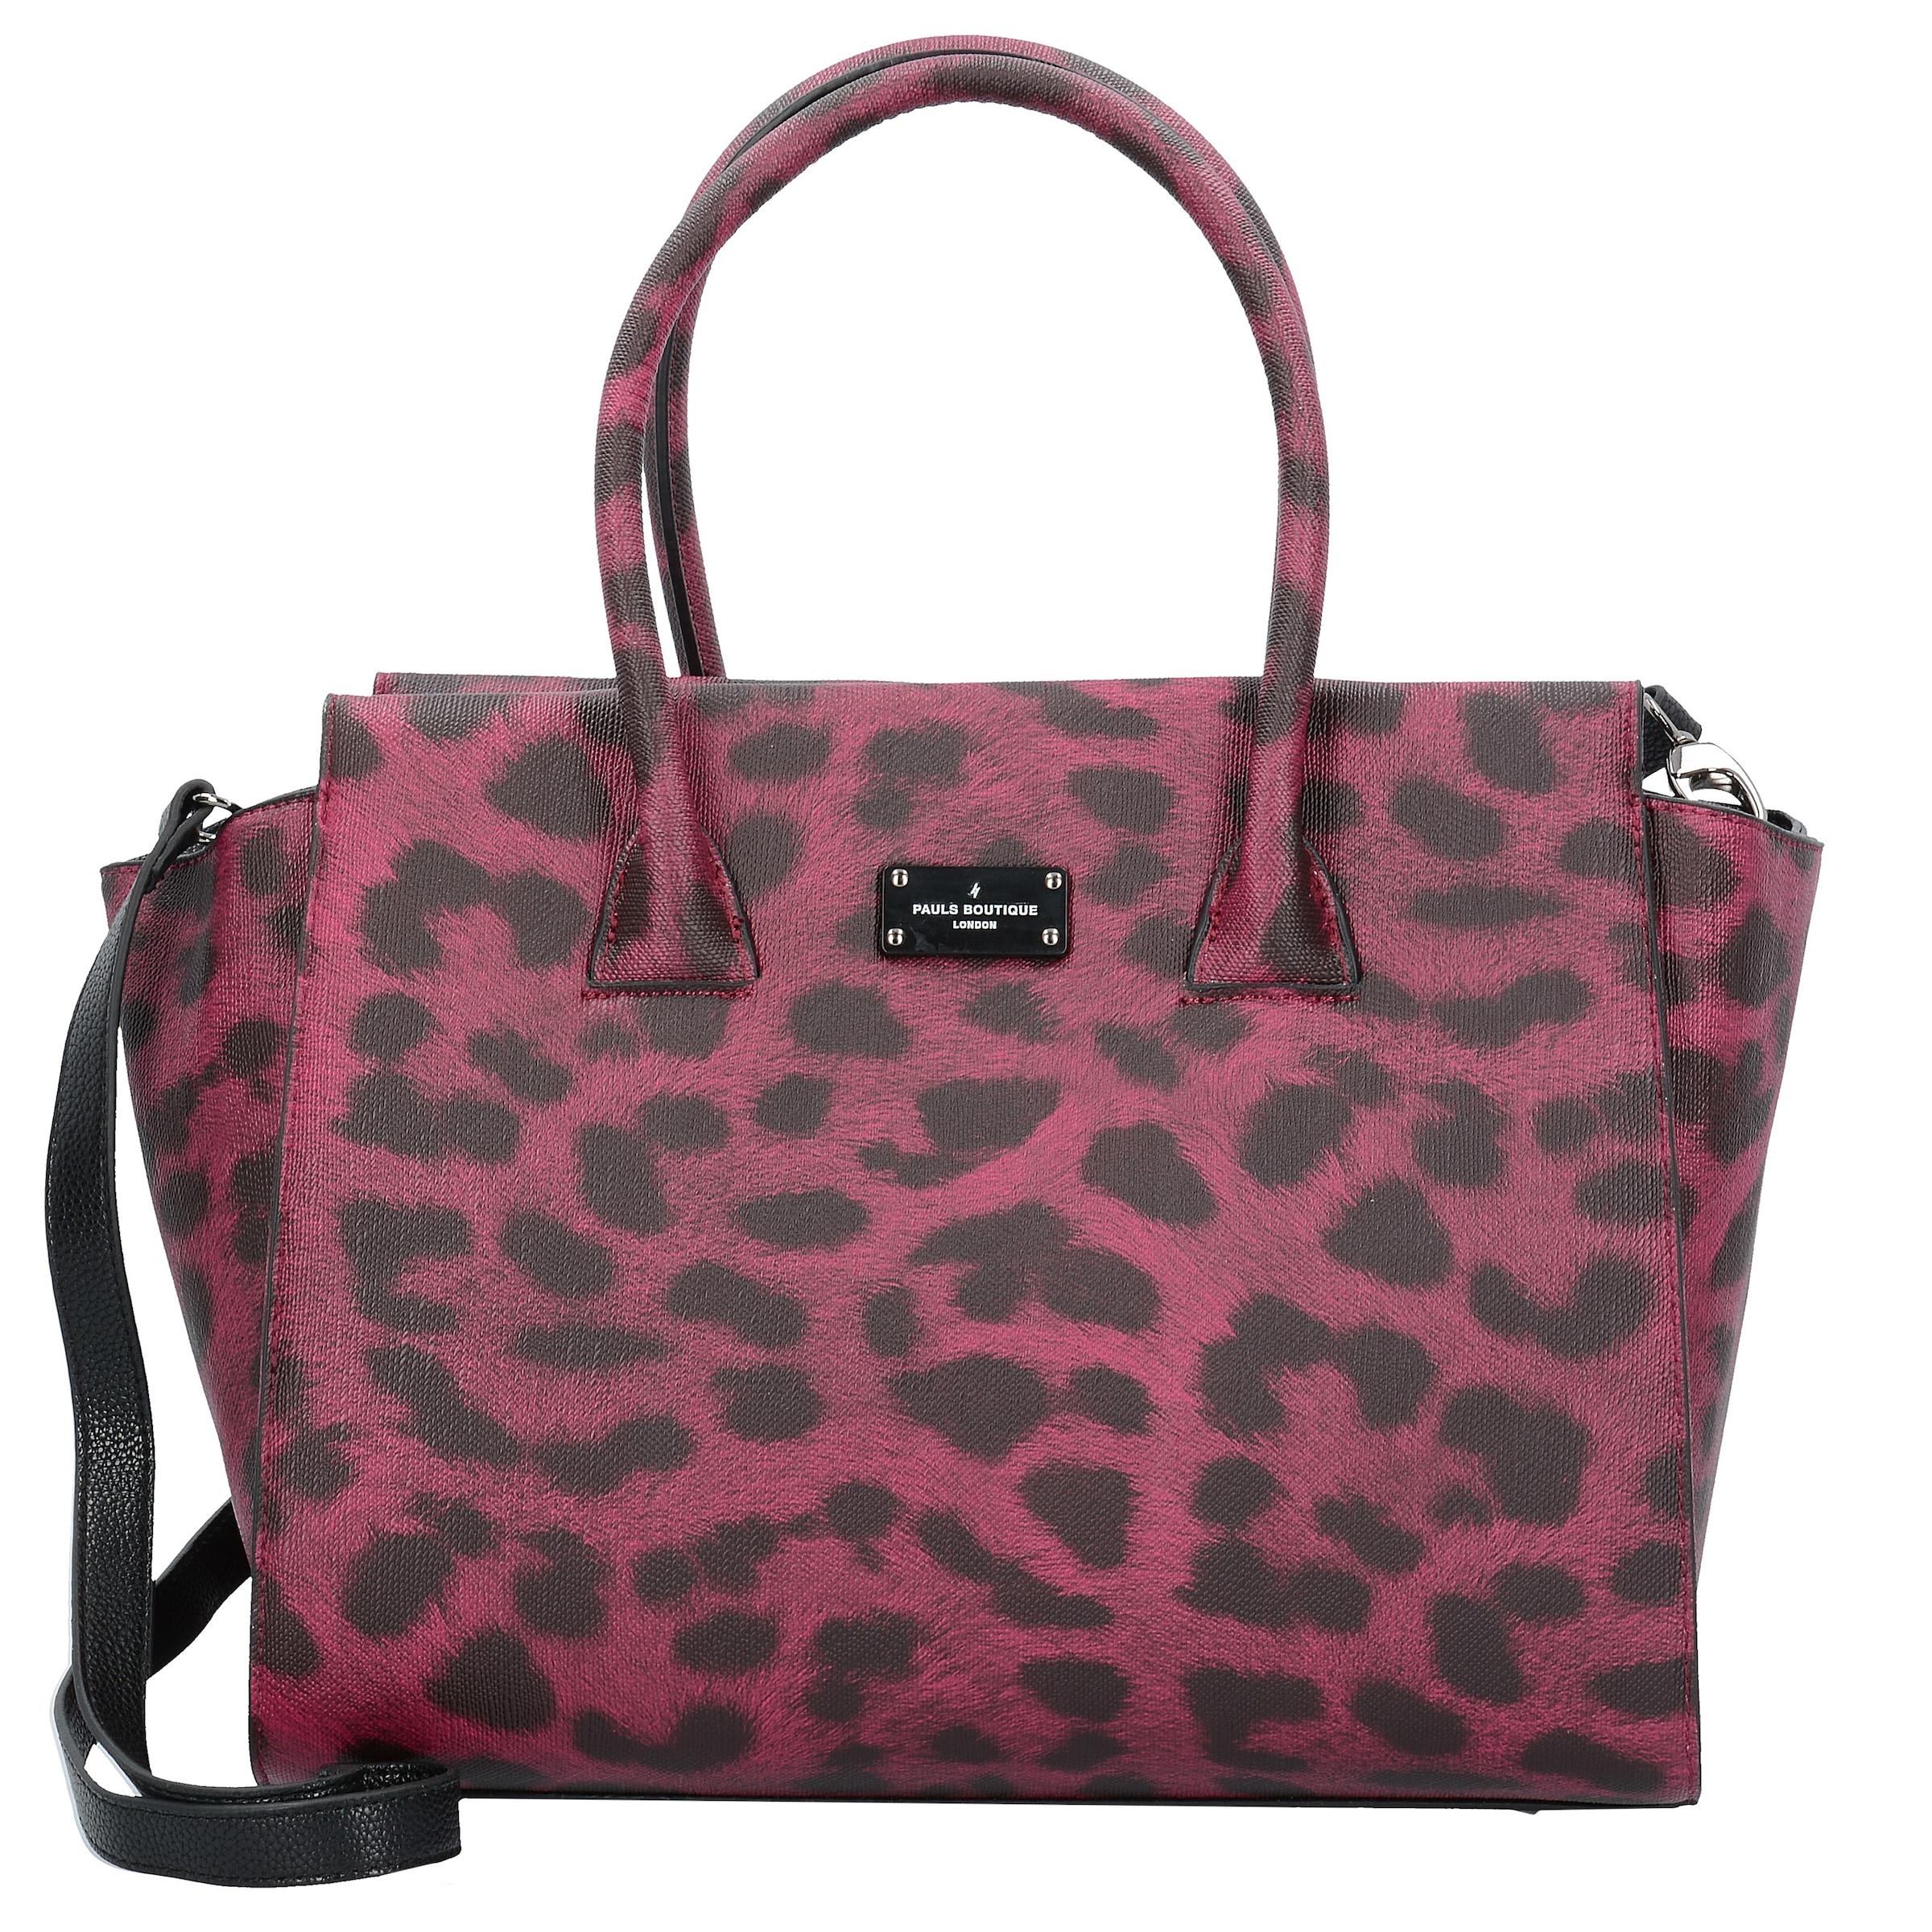 Bandoulière Pauls Boutique Sac London En Rose b6f7Ygy